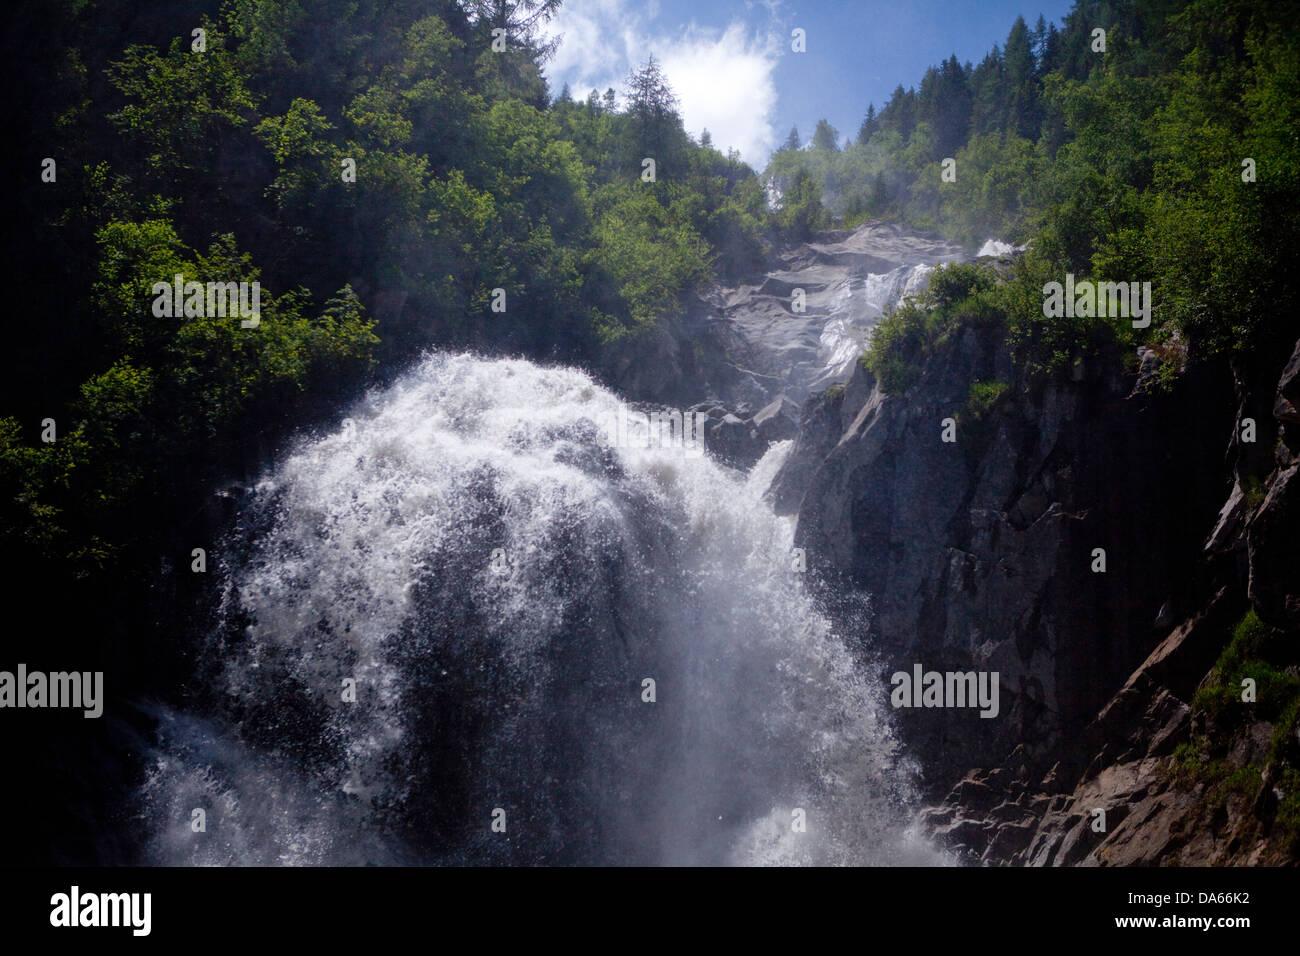 Cascada, Zeitibach, Selden, cantón de Berna, agua, cascada, Suiza, Europa, en el Oberland Bernés, naturaleza Imagen De Stock